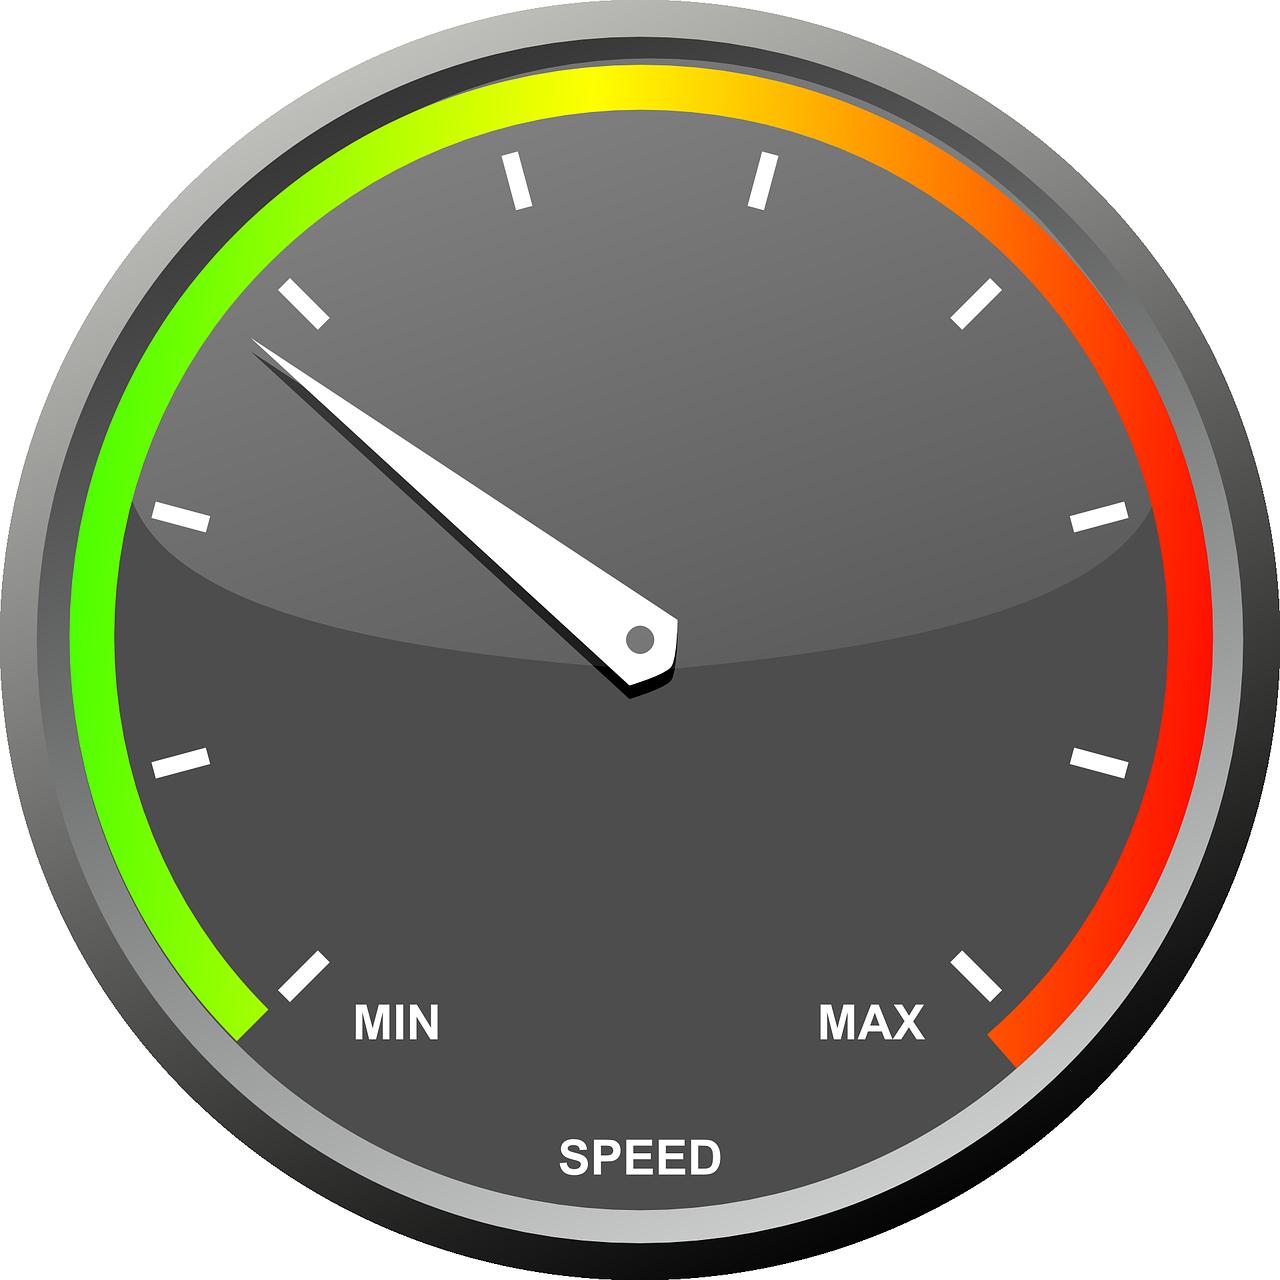 「Mbps」とは回線速度を表す単位 数値を理解し快適に利用しよう